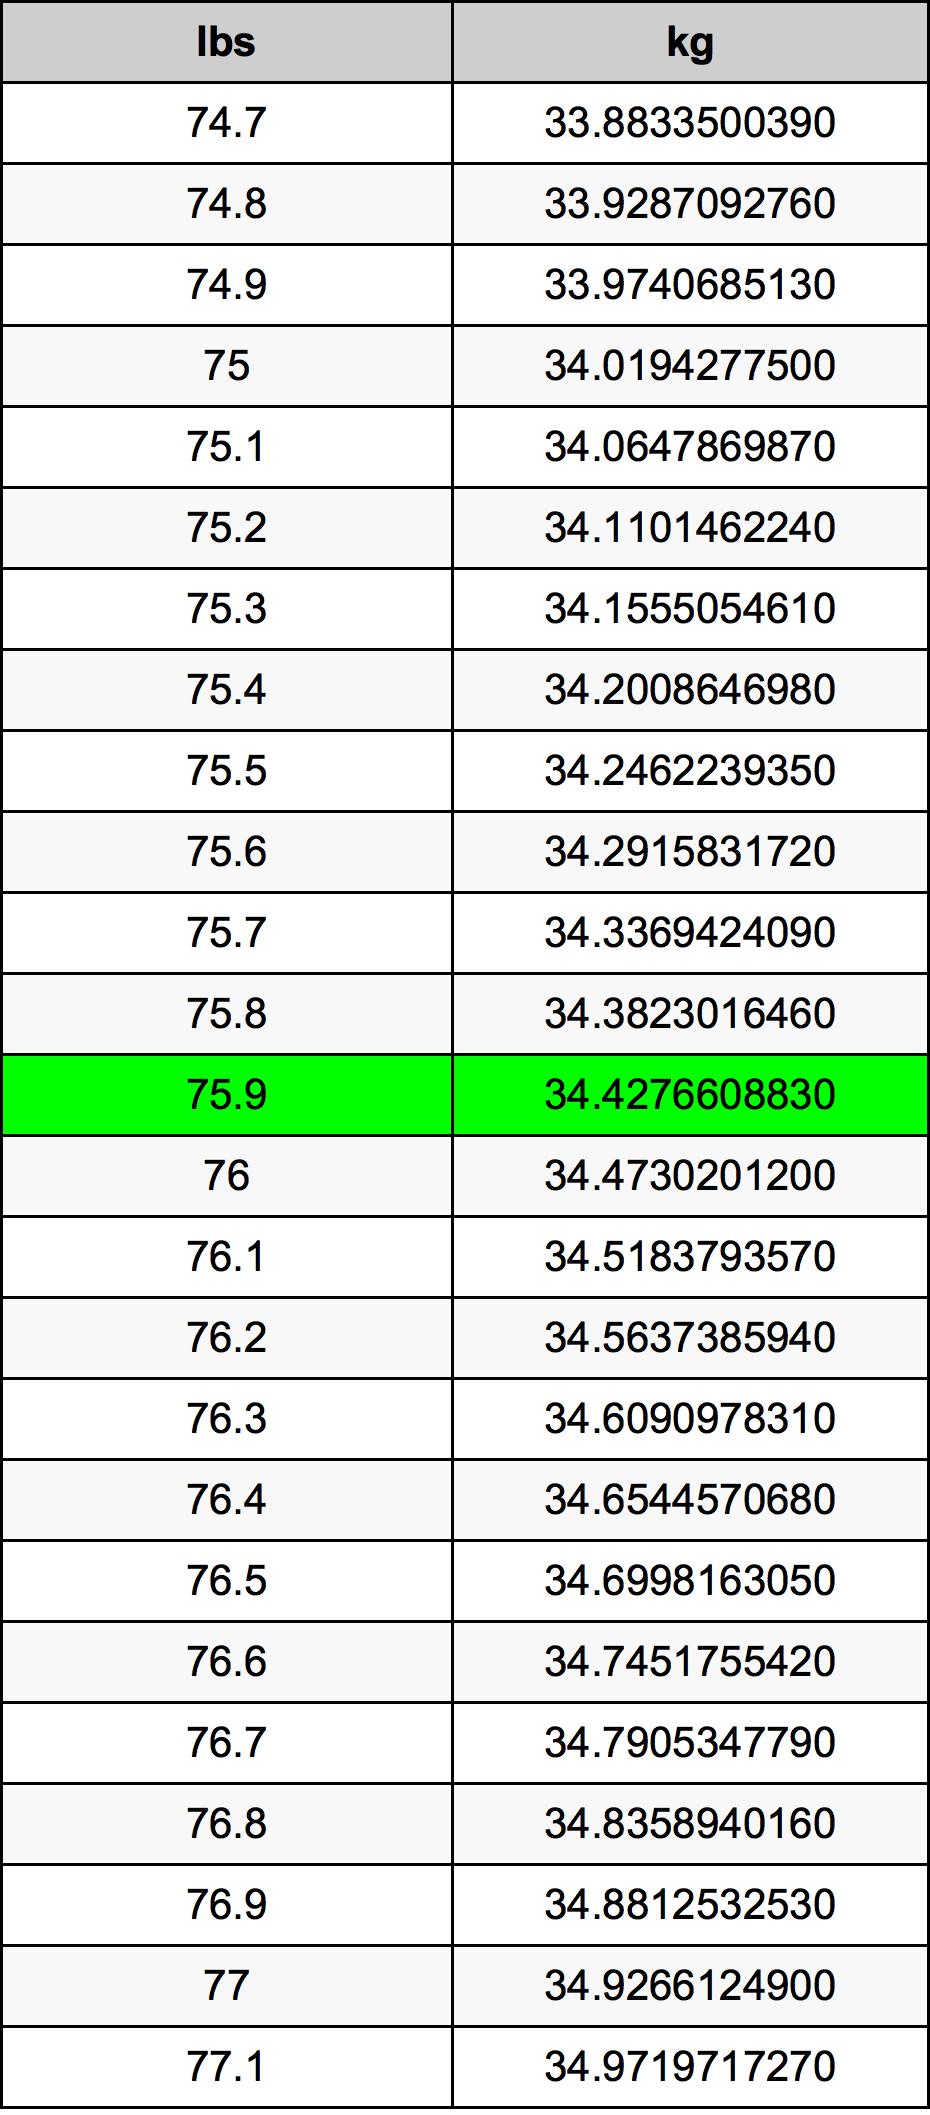 75.9 رطل جدول تحويل